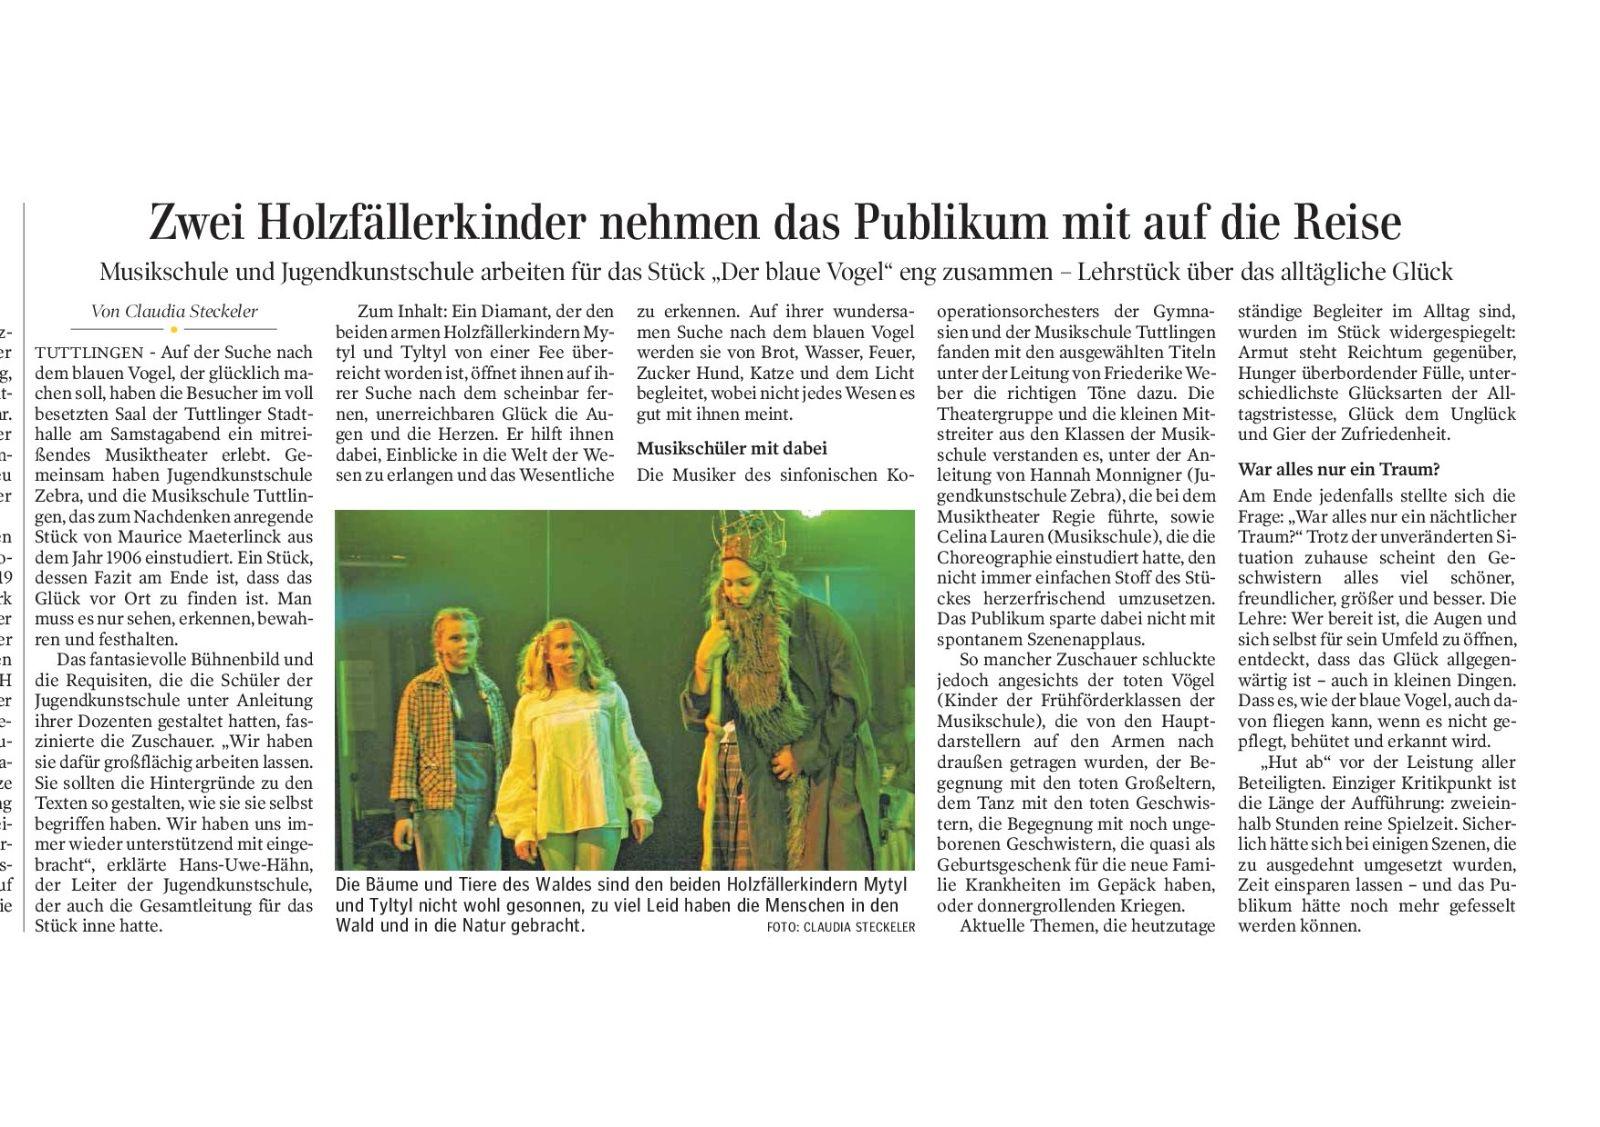 Pressebericht vom 17.12.2018 der Blaue Vogel - Quelle: schwaebische.de/Autorin Claudia Steckeler